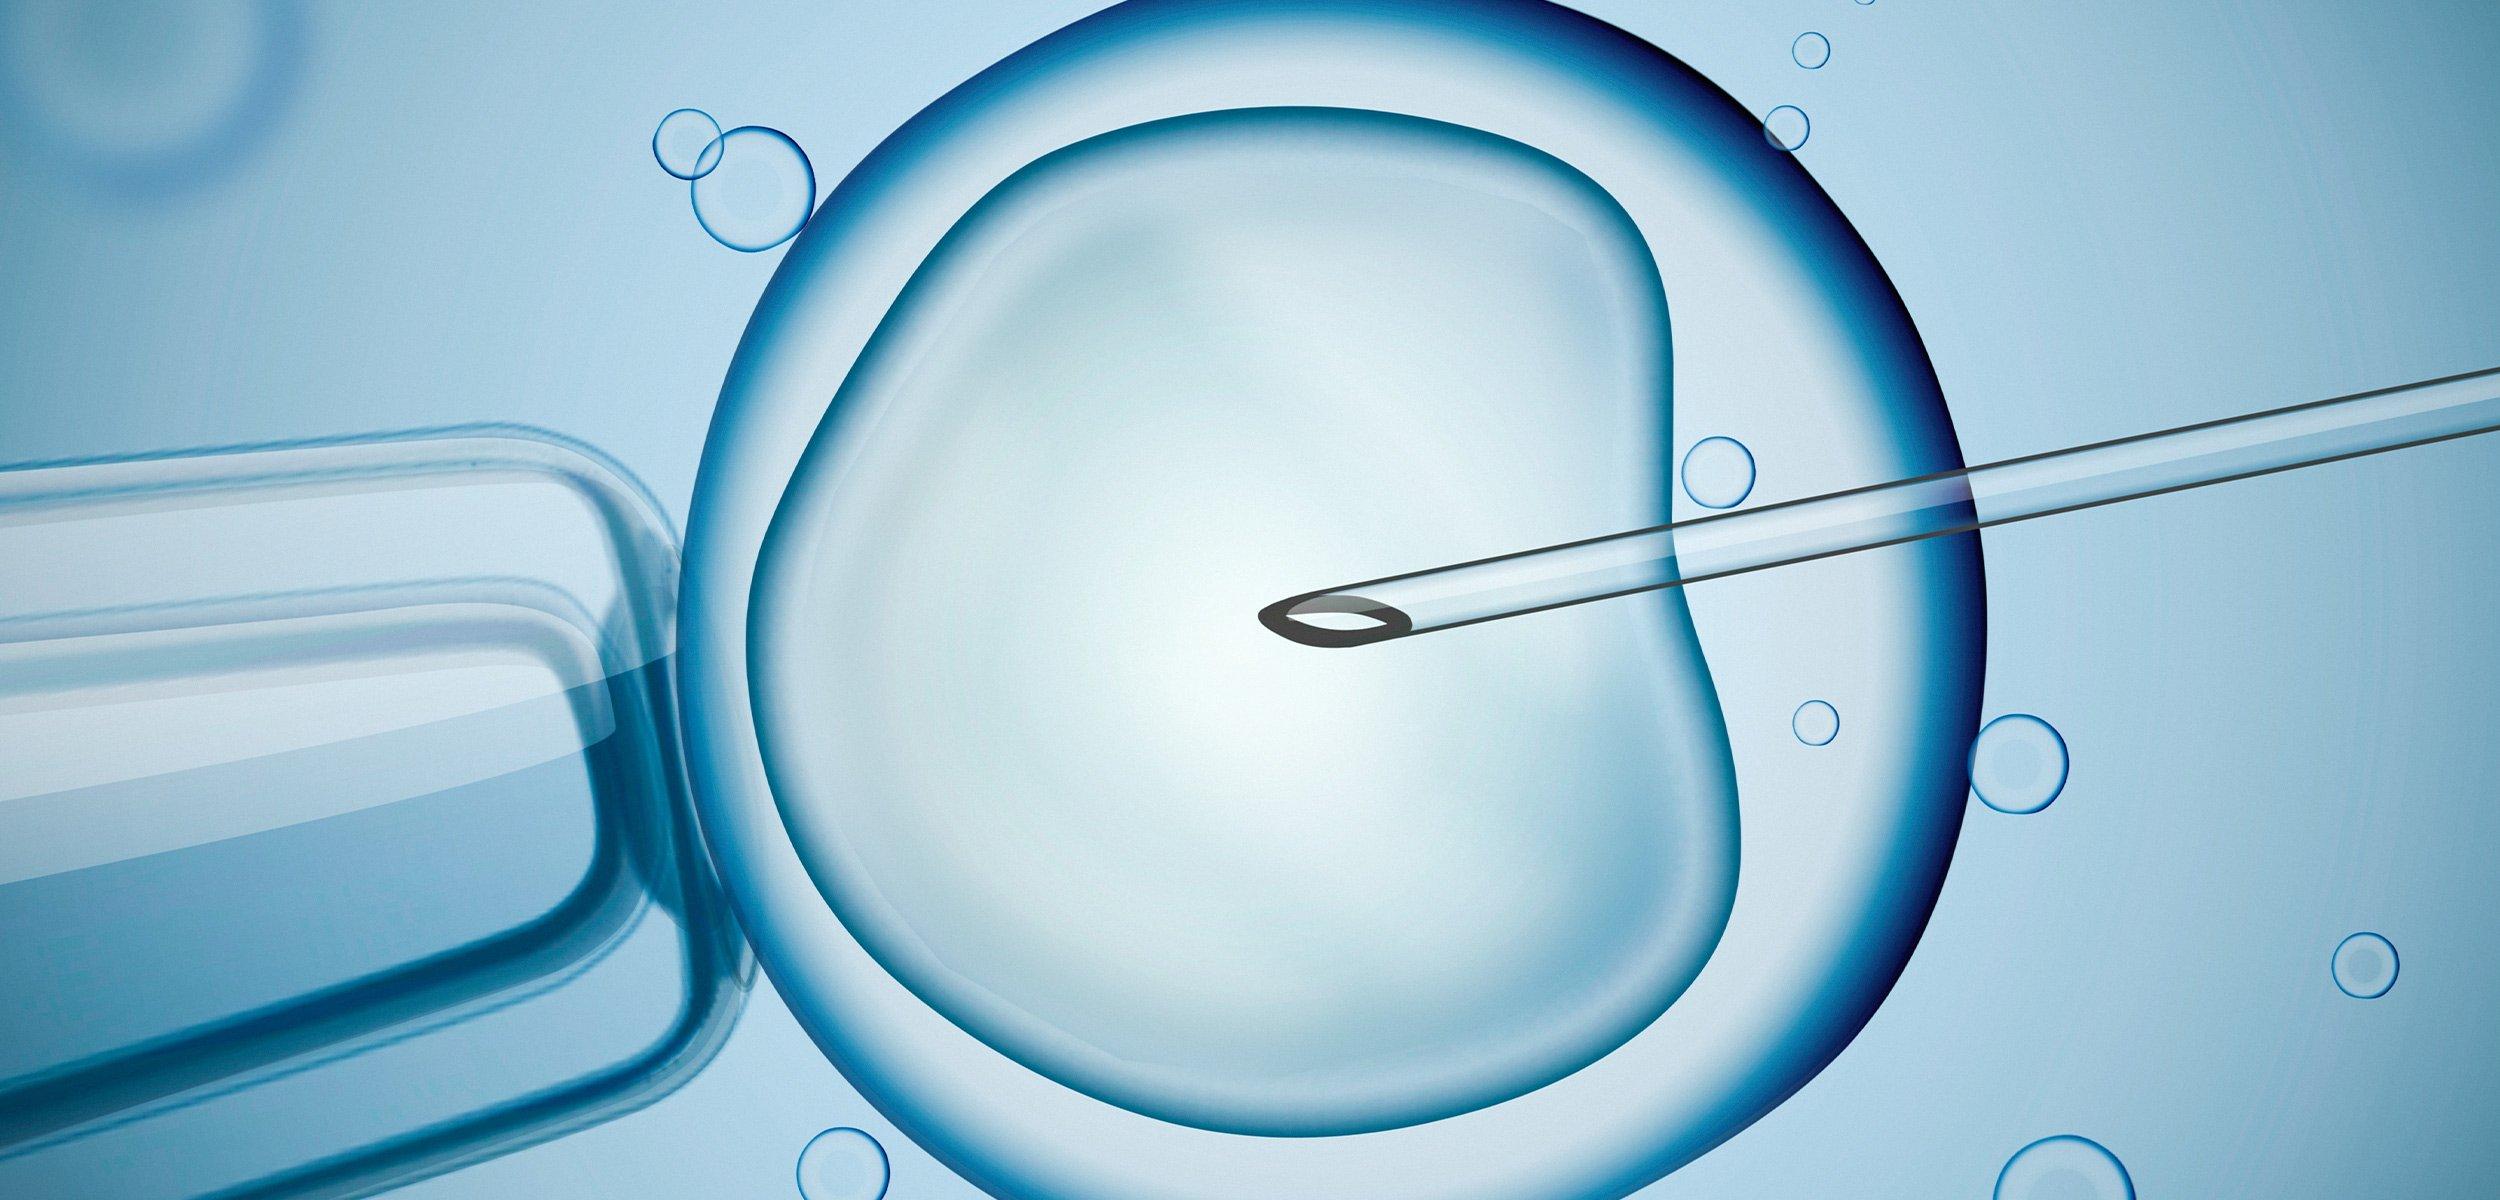 Tüp Bebek Tedavisi - In Vitro Fertilizasyon (IVF)